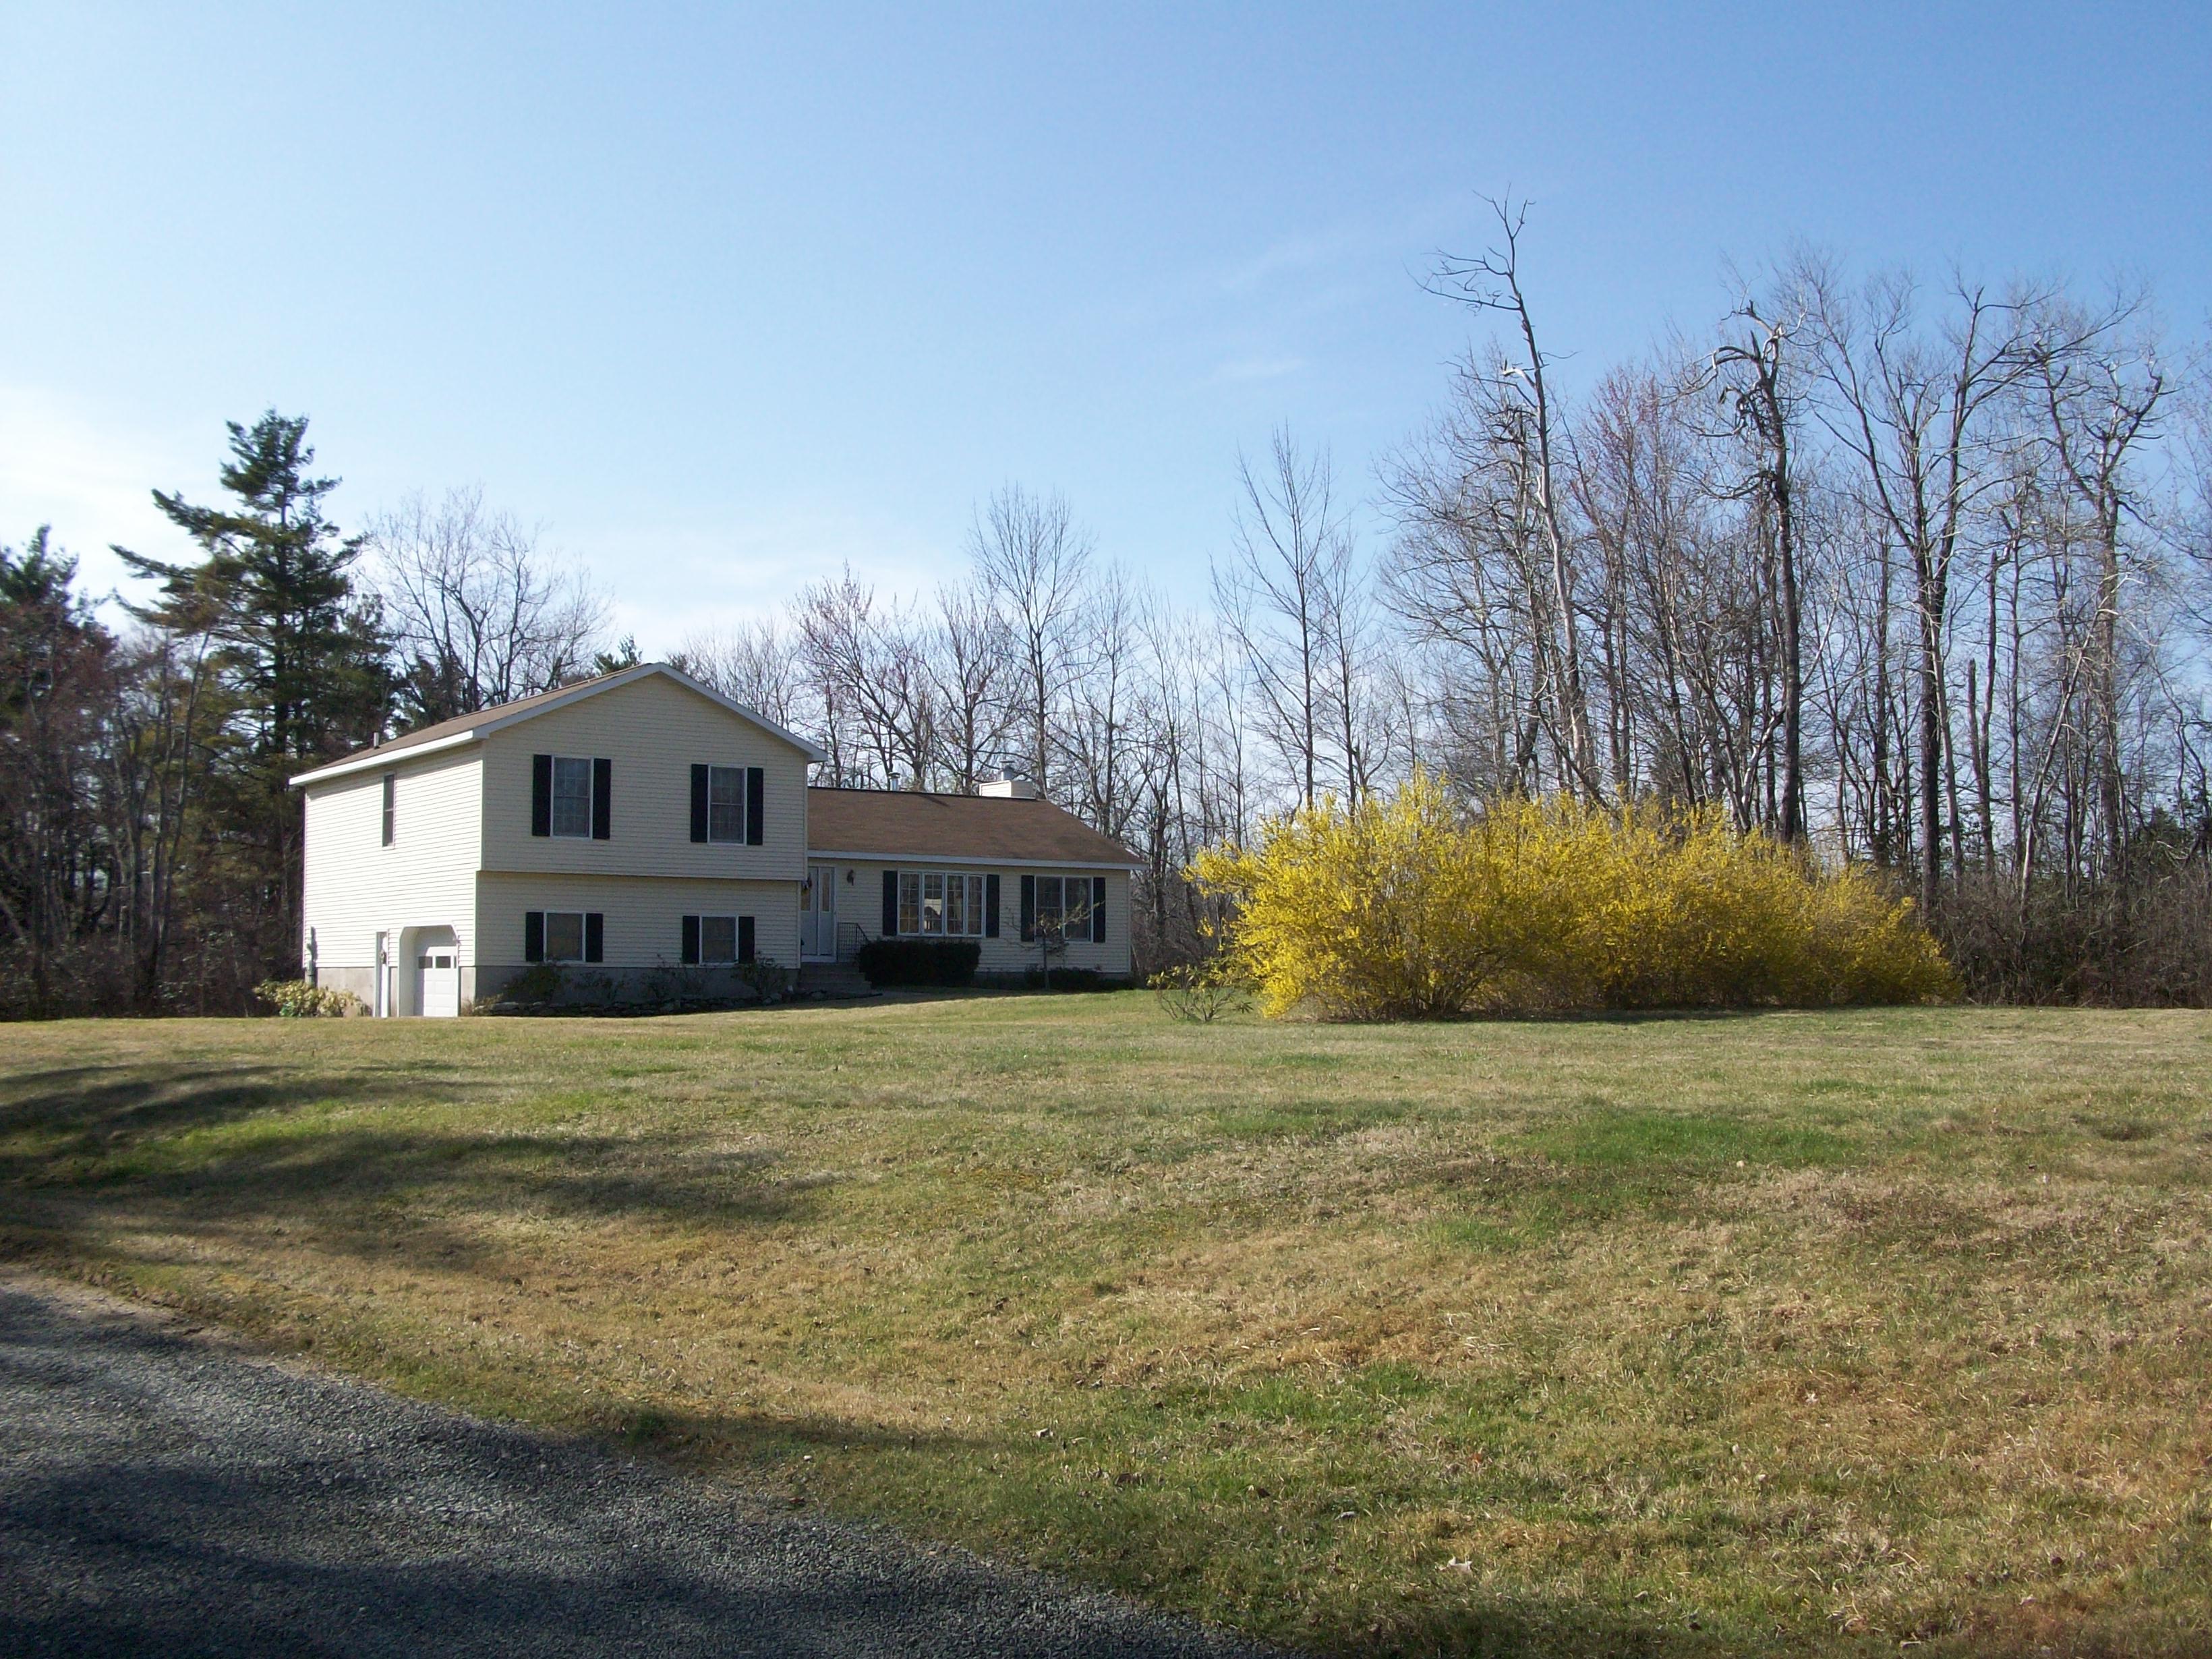 Частный односемейный дом для того Продажа на Utmost Privacy 35 Blackland Rd Goshen, Коннектикут 06756 Соединенные Штаты